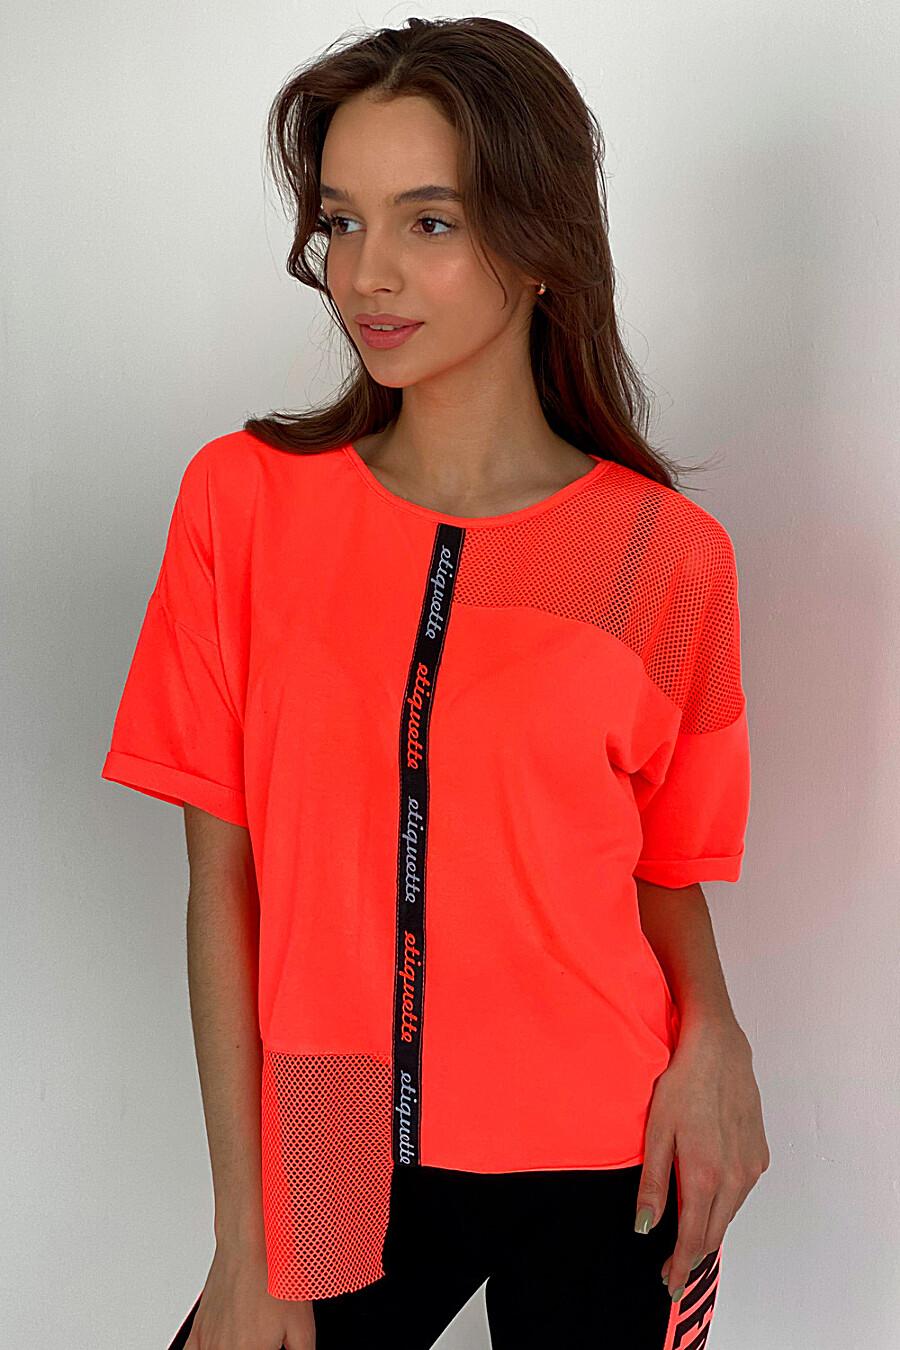 Футболка 8078 для женщин НАТАЛИ 649586 купить оптом от производителя. Совместная покупка женской одежды в OptMoyo